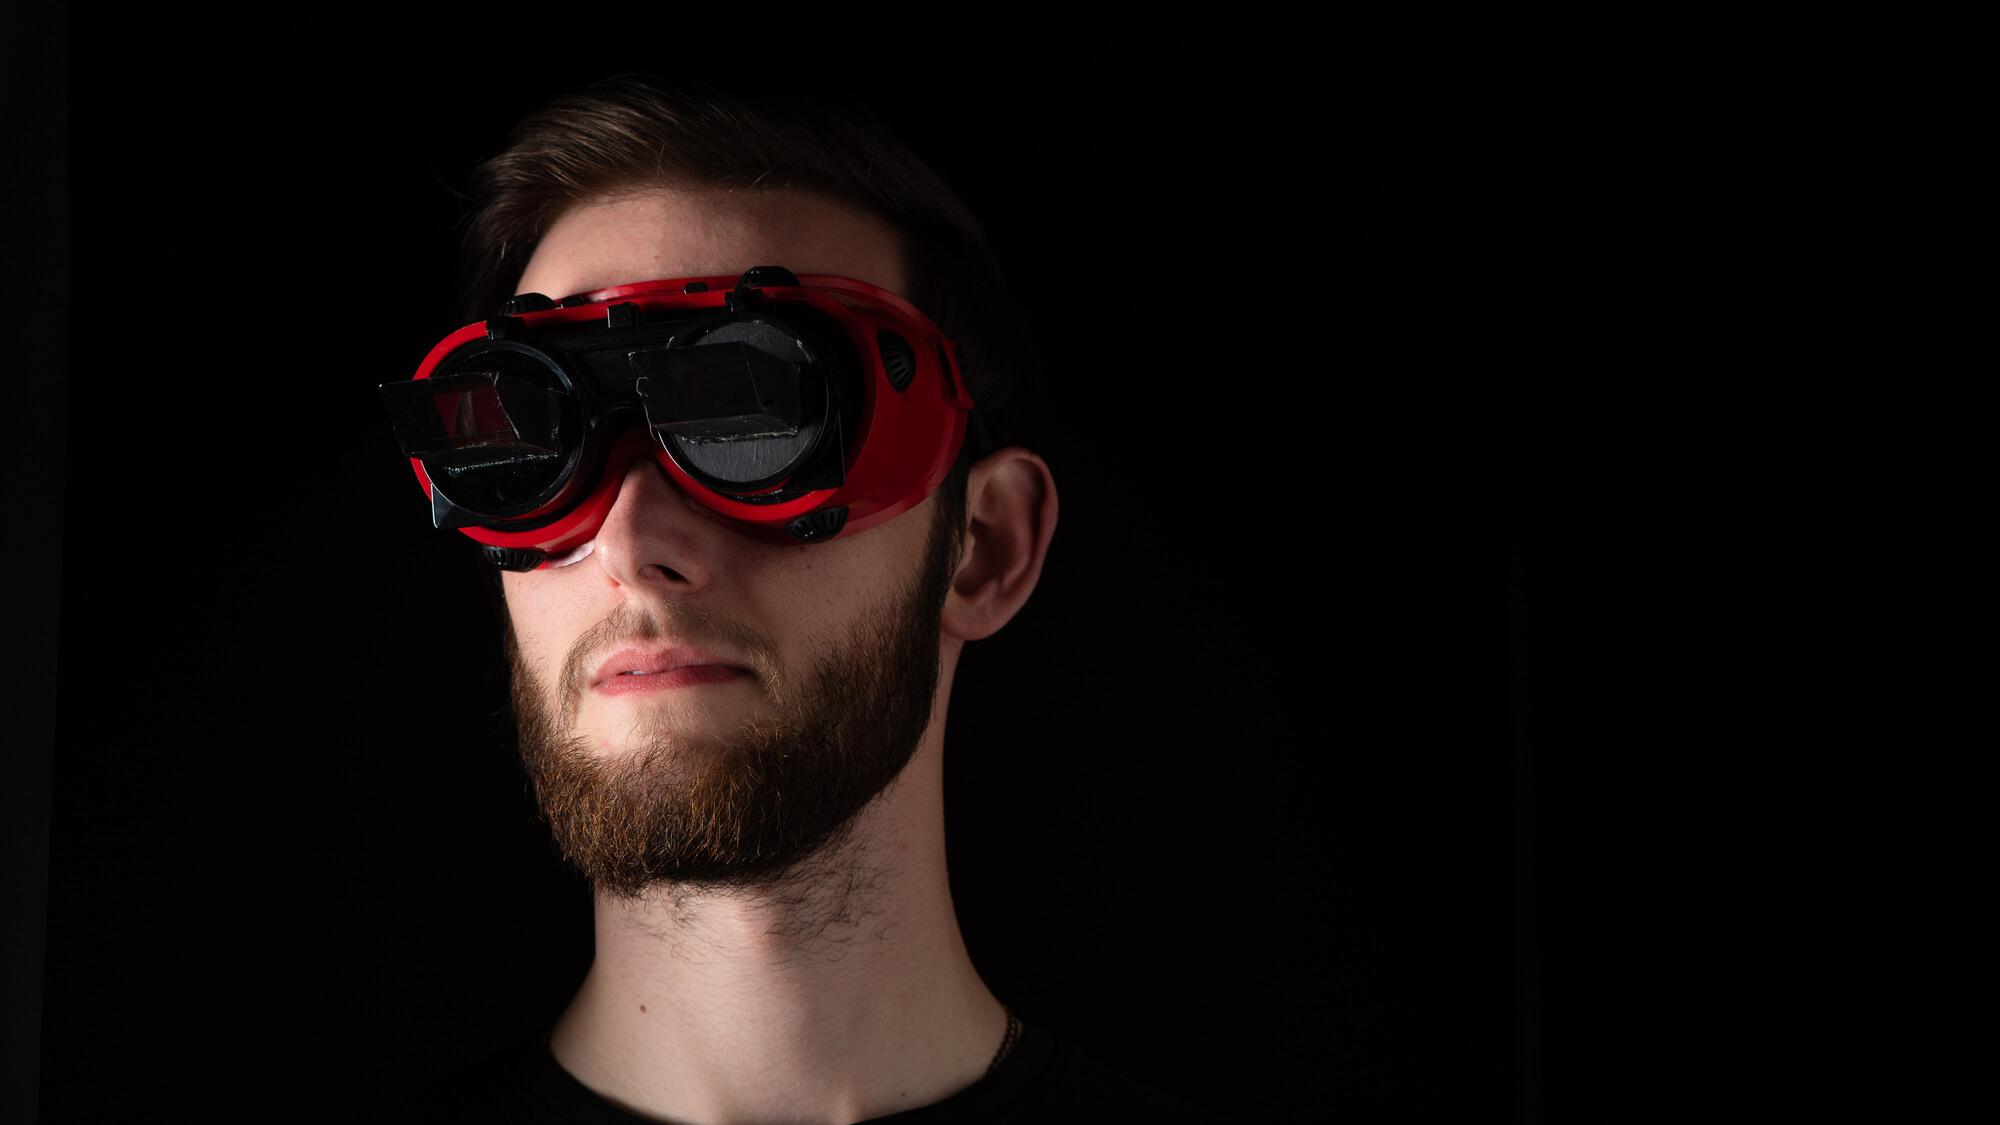 Student using eye tracking equipment